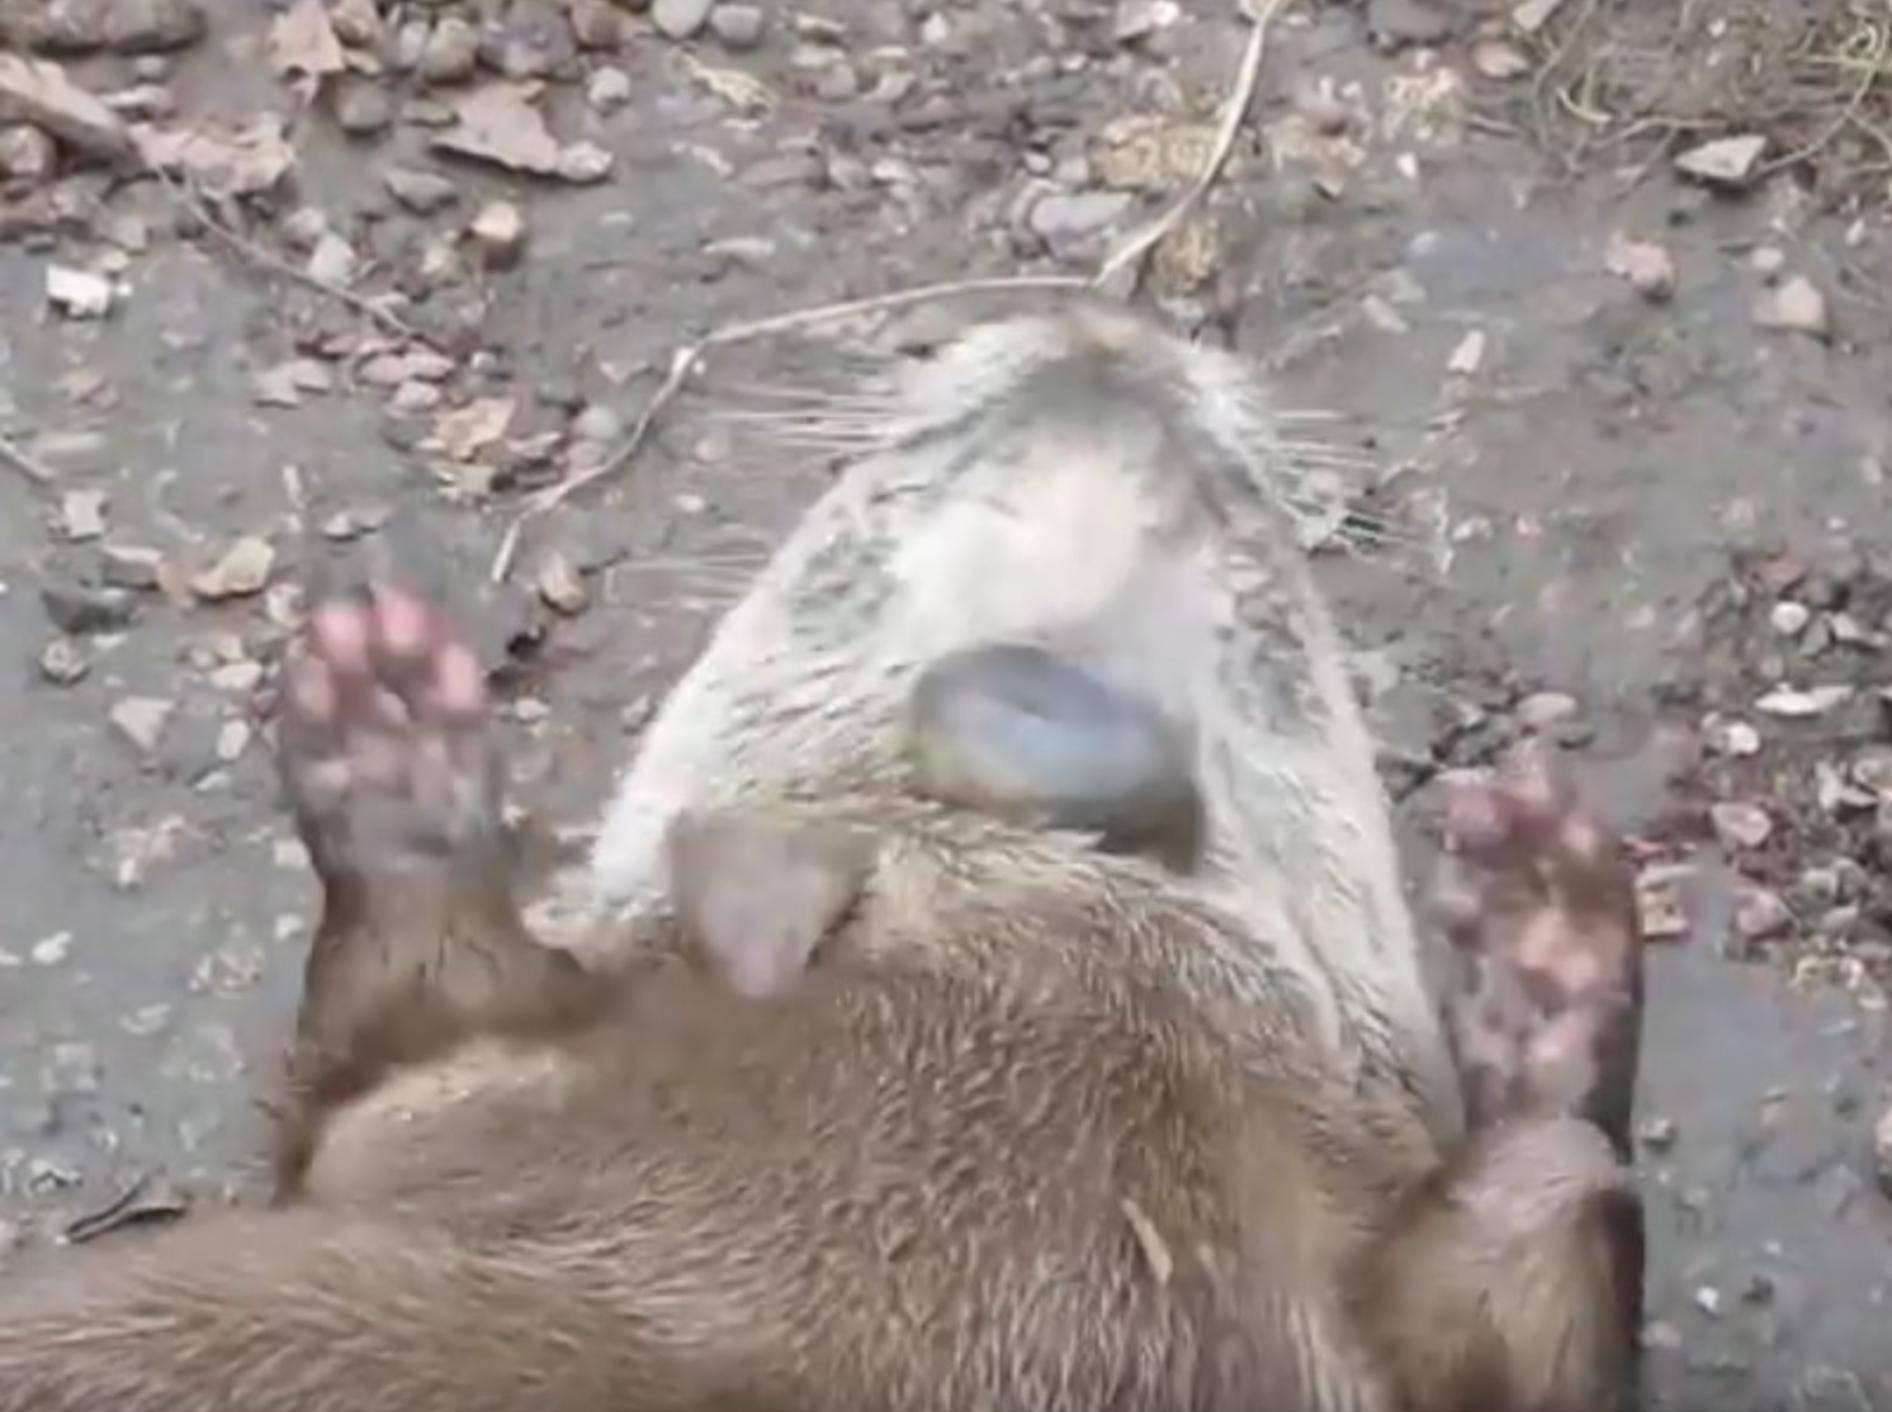 Geschickt, geschickt, Herr Otter! – YouTube / mickeysutube